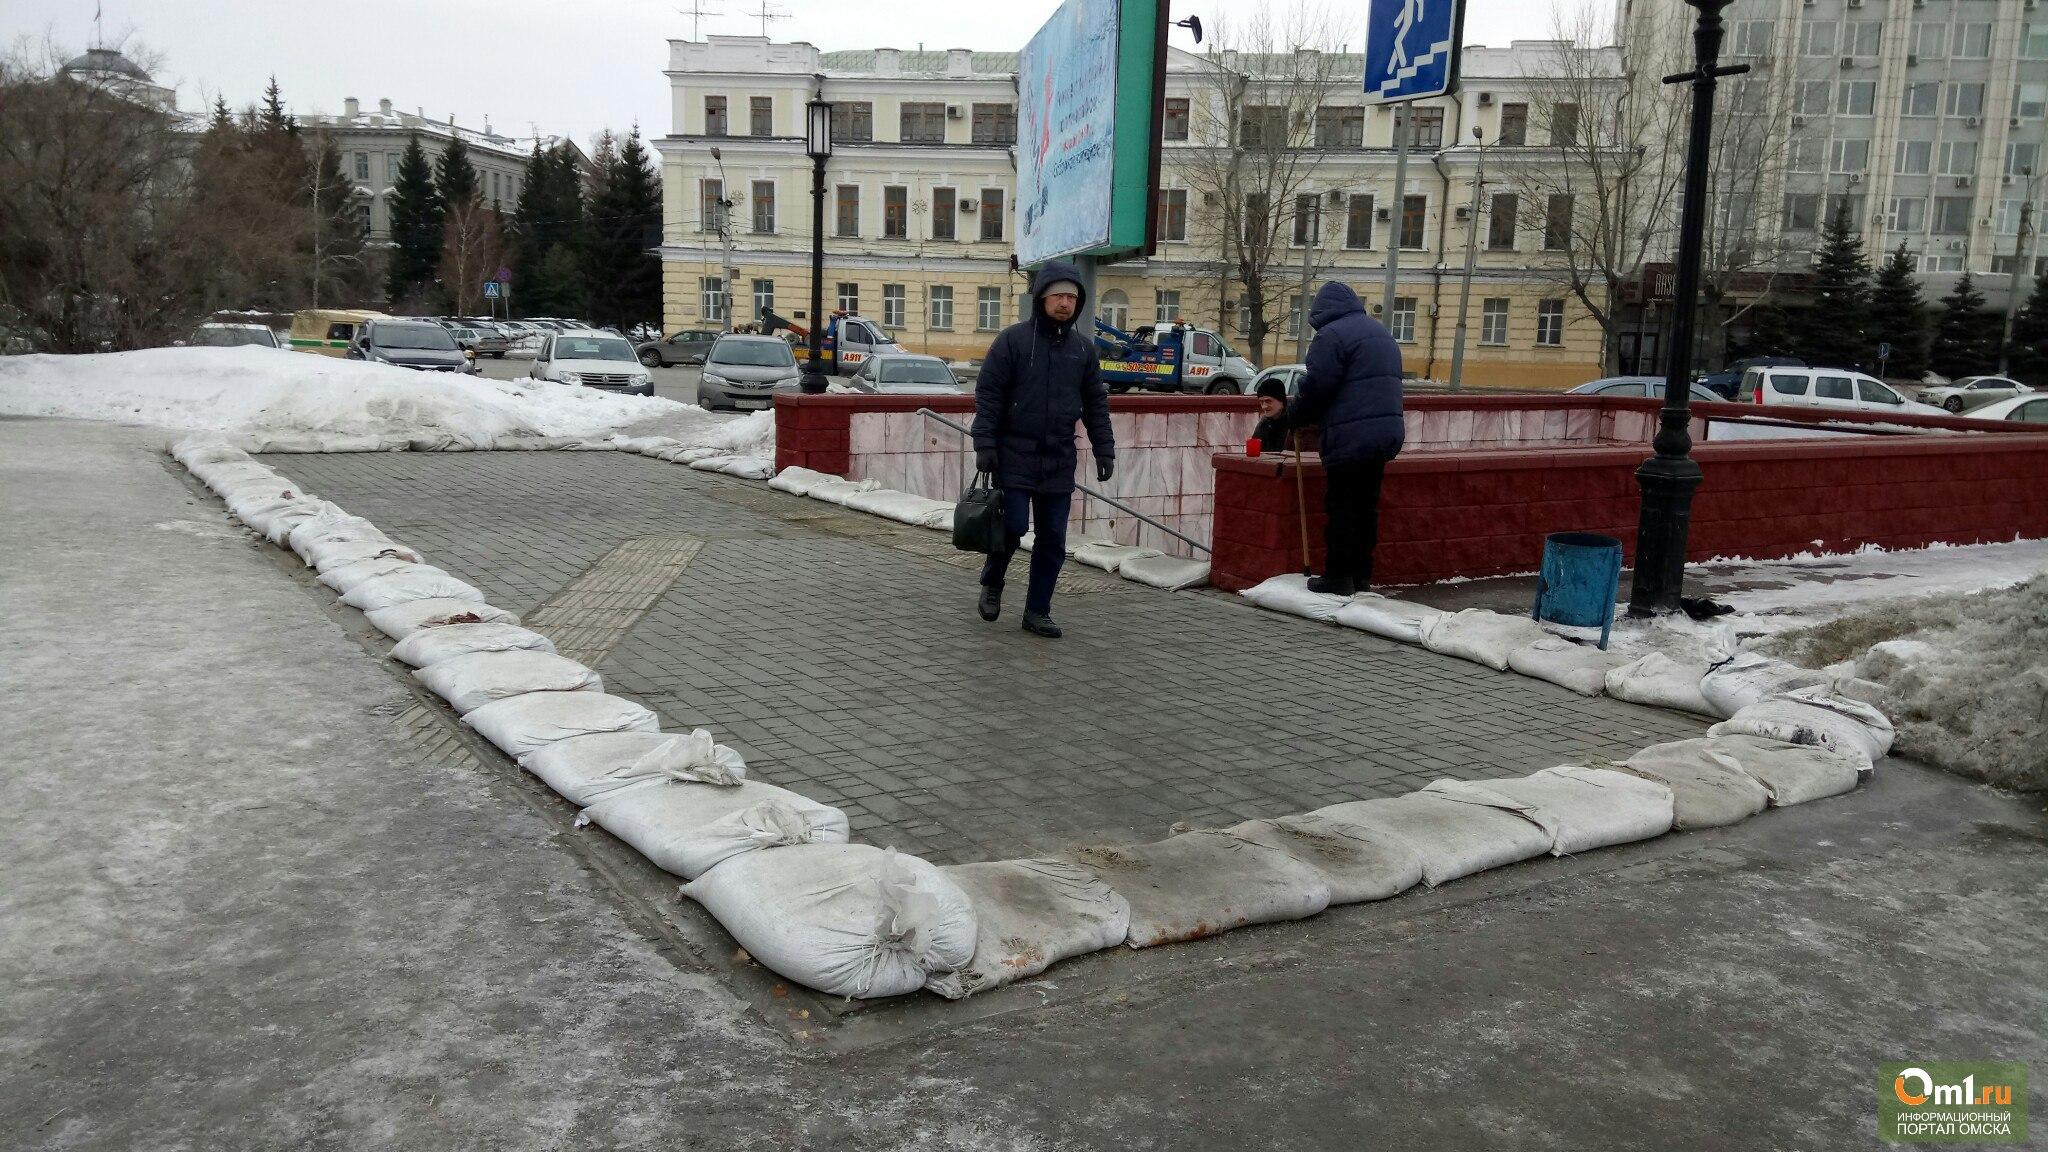 «Антипаводковые» мешки появились упереходов вОмске